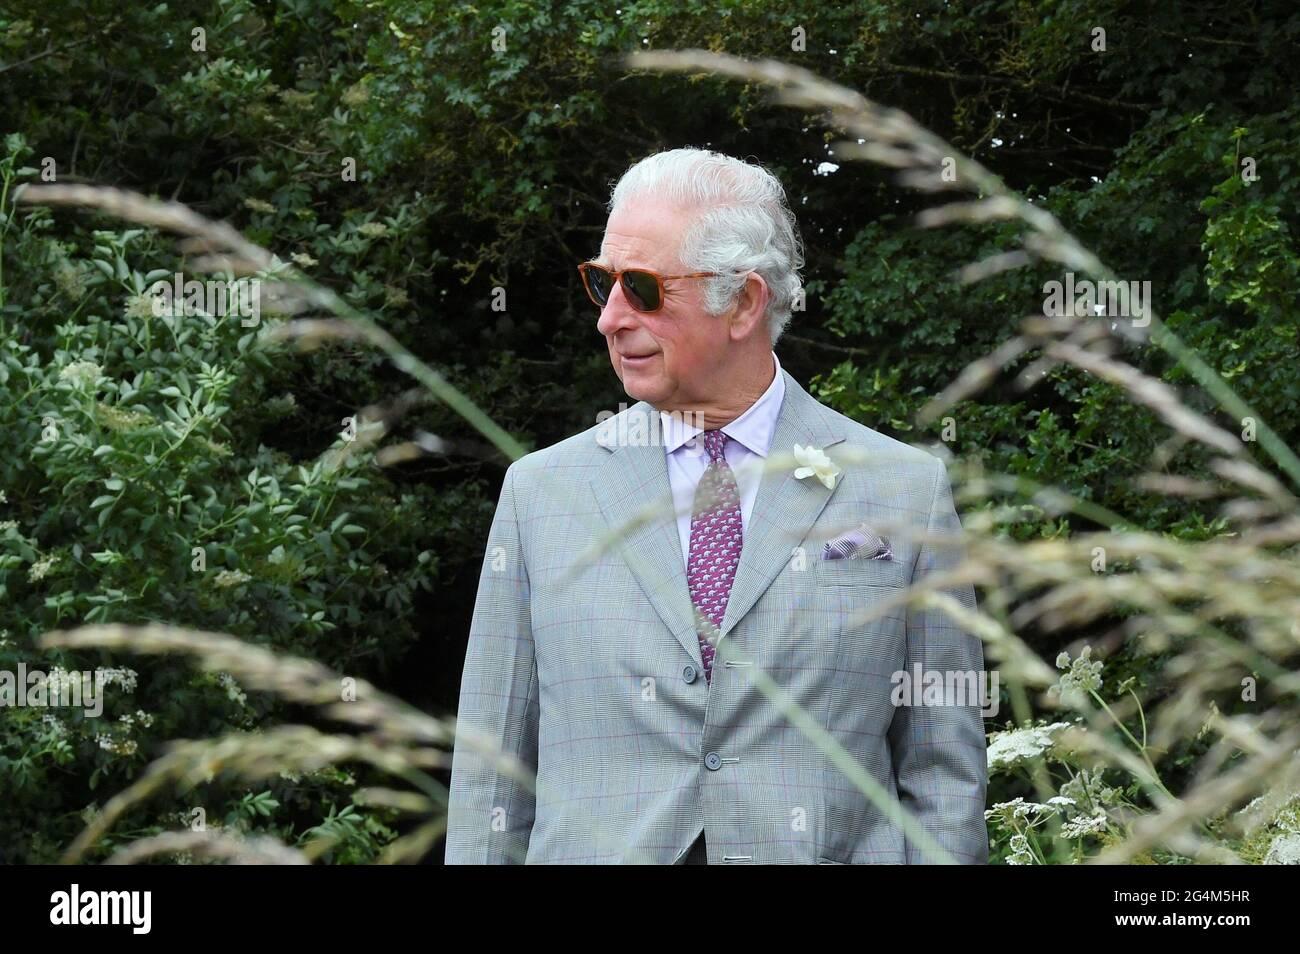 Il Principe del Galles durante la sua visita ad Farmed, un nuovo centro per l'educazione agricola e alimentare a Honeydale Farm, Shipton-under-Wychwood, Oxfordshire. Data immagine: Martedì 22 giugno 2021. Foto Stock